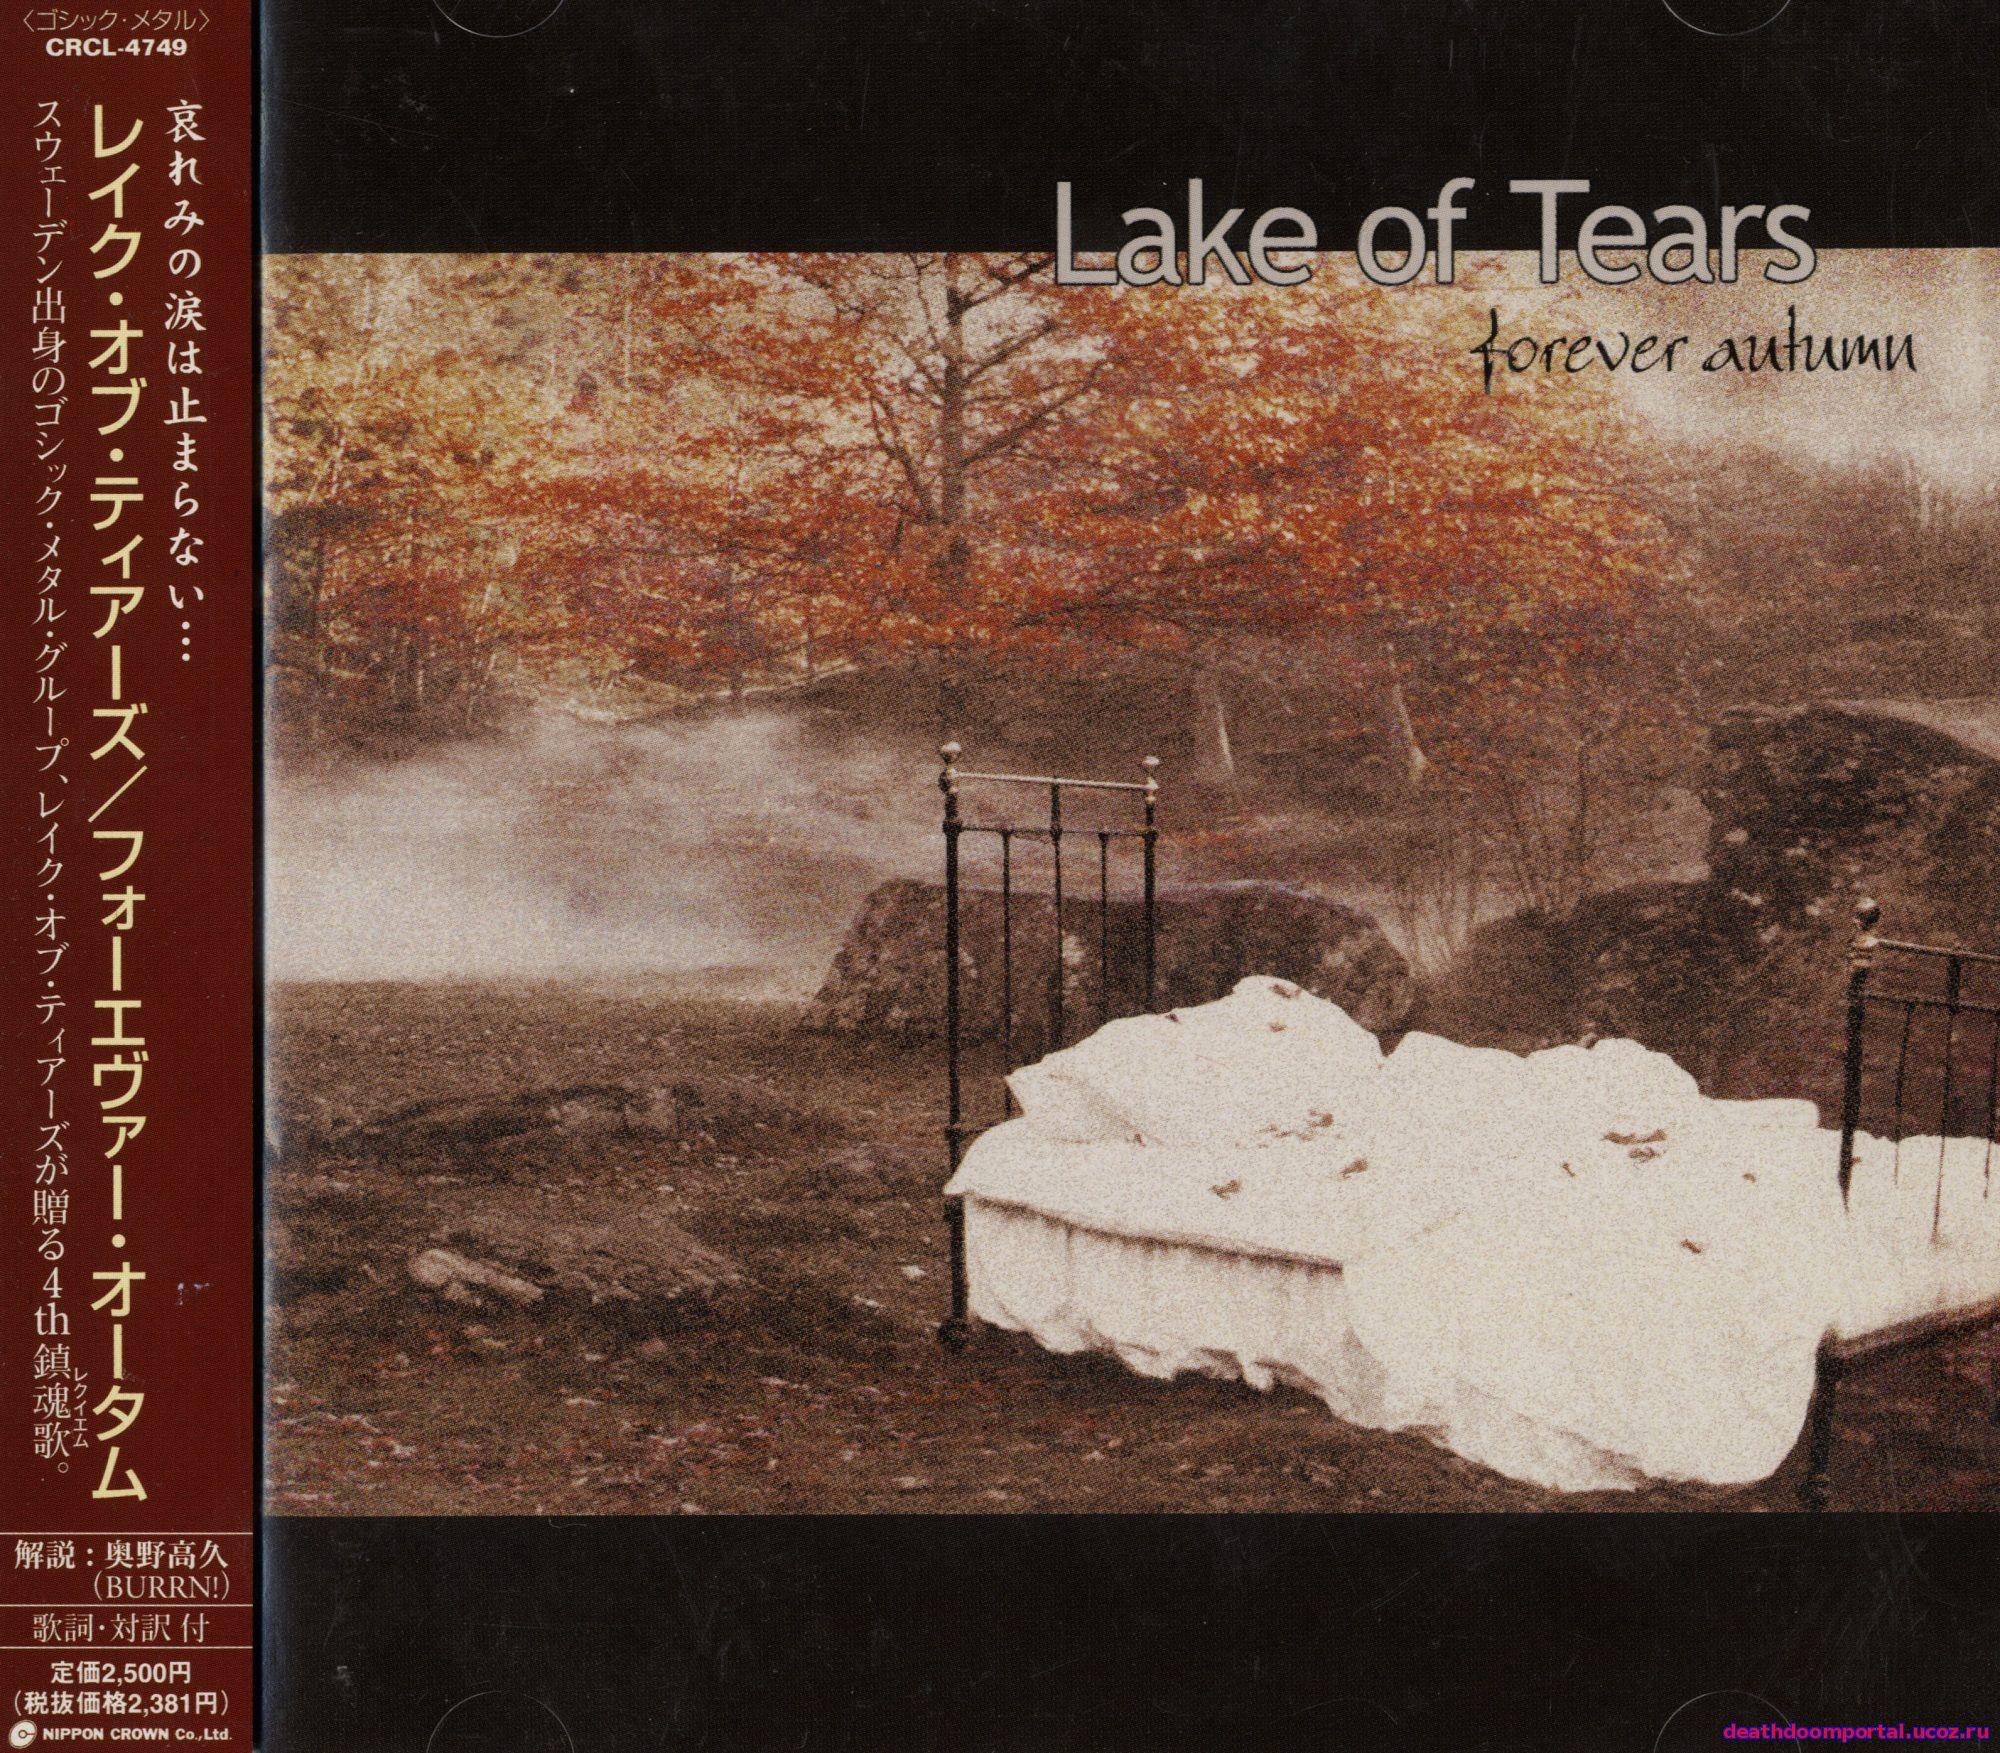 Lake of tears 1993-2014 дискография скачать торрент gotic doom.